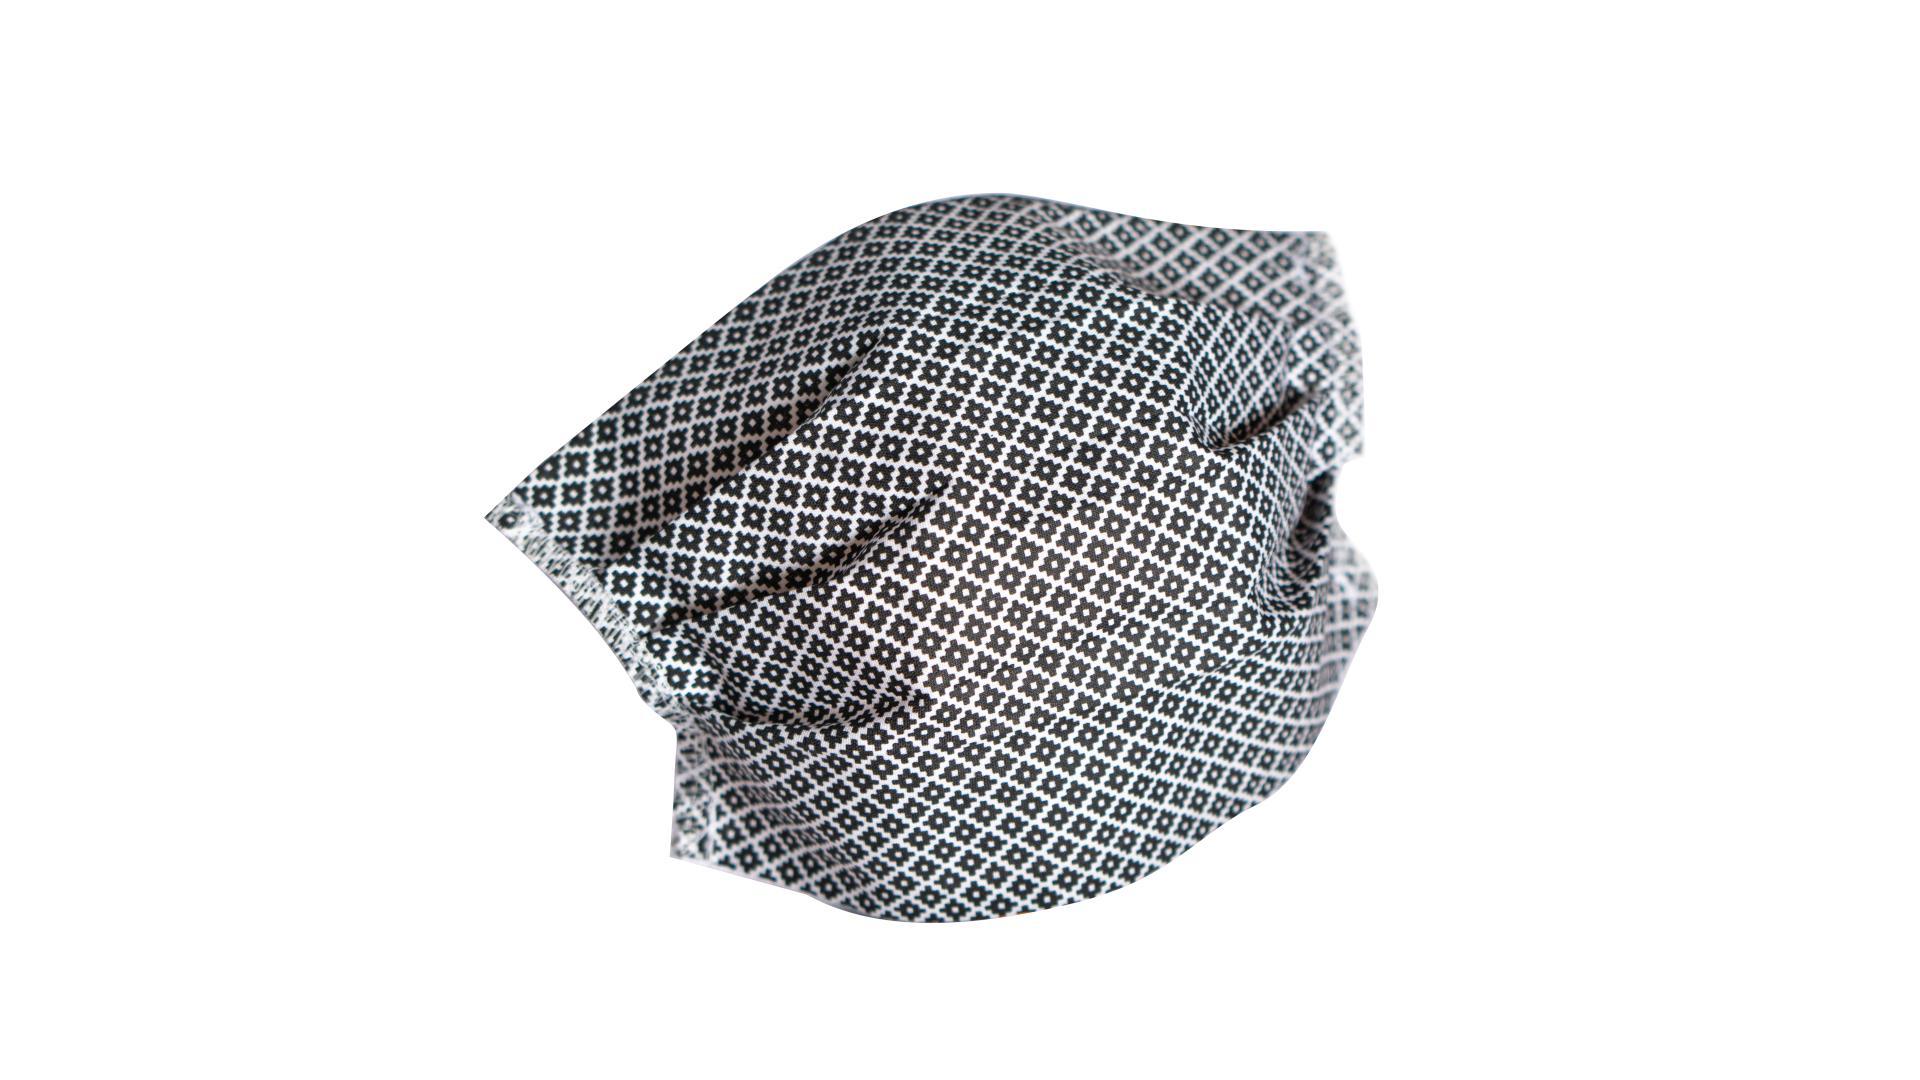 4CARS Dvojvrstvové ochranné bavlnené rúško čierne s gumičkou 1ks - väčšie